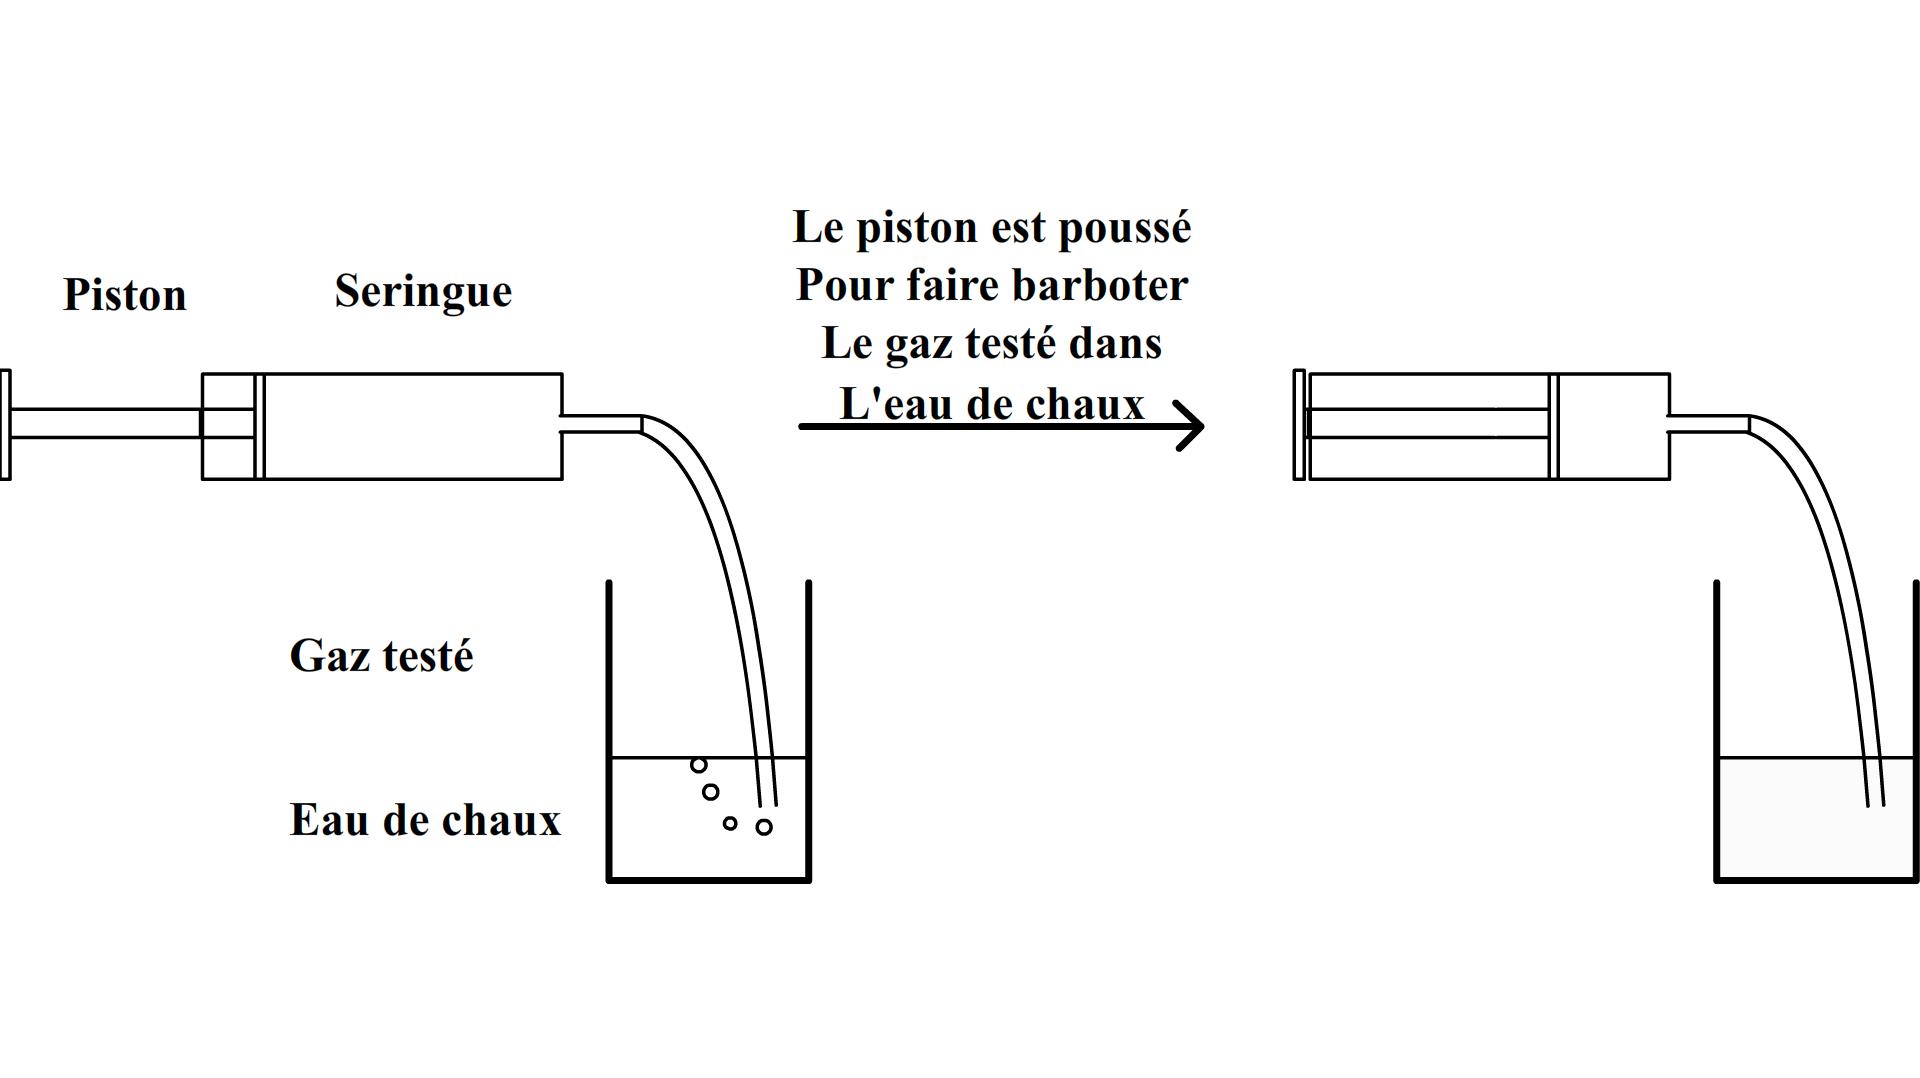 Superior A Quoi Sert L Eau De Chaux #4: Test De Reconnaissance Du Dioxyde De Carbone Barbottage